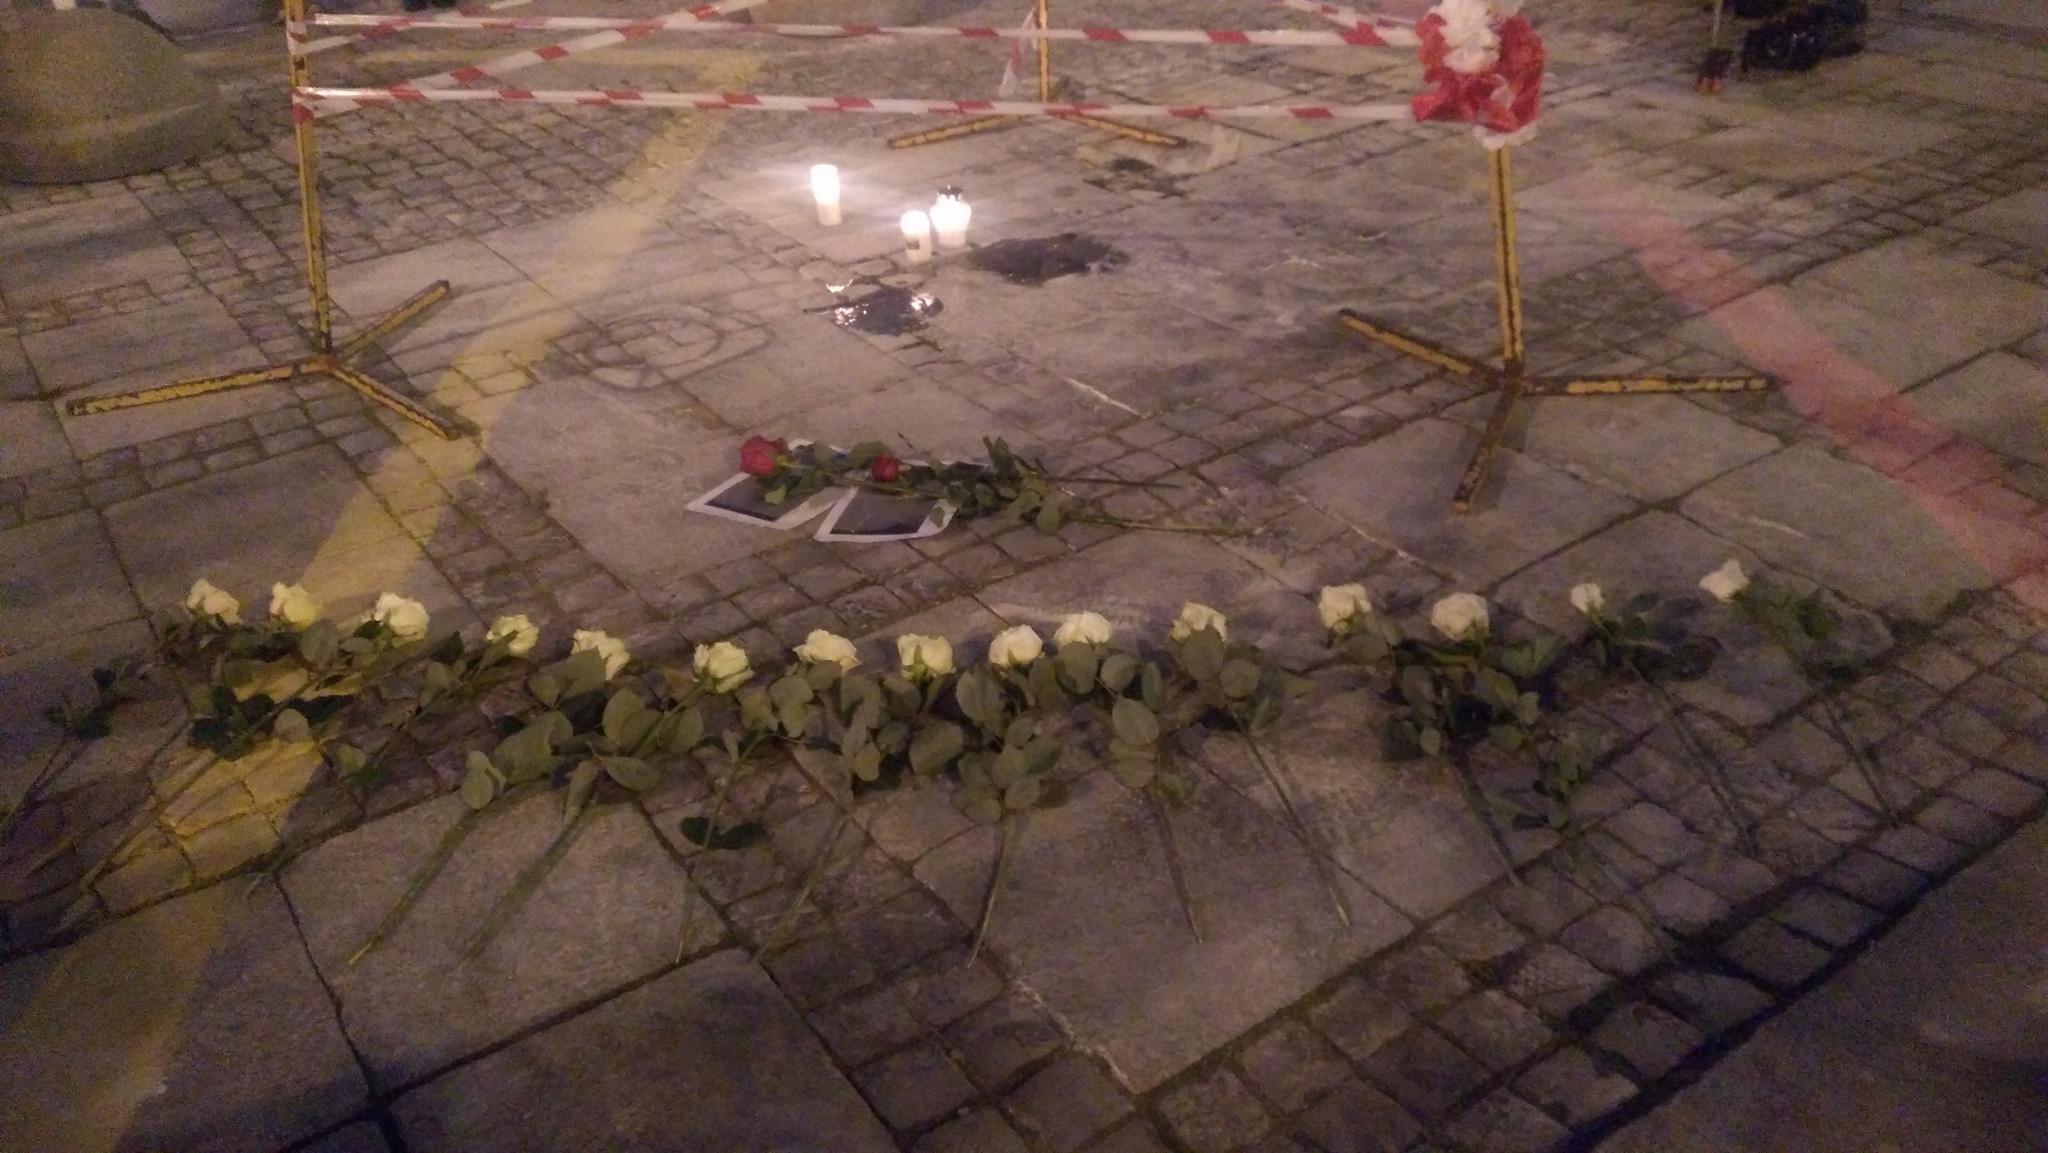 Warszawa: Mężczyzna podpalił się przed Pałacem Kultury i Nauki